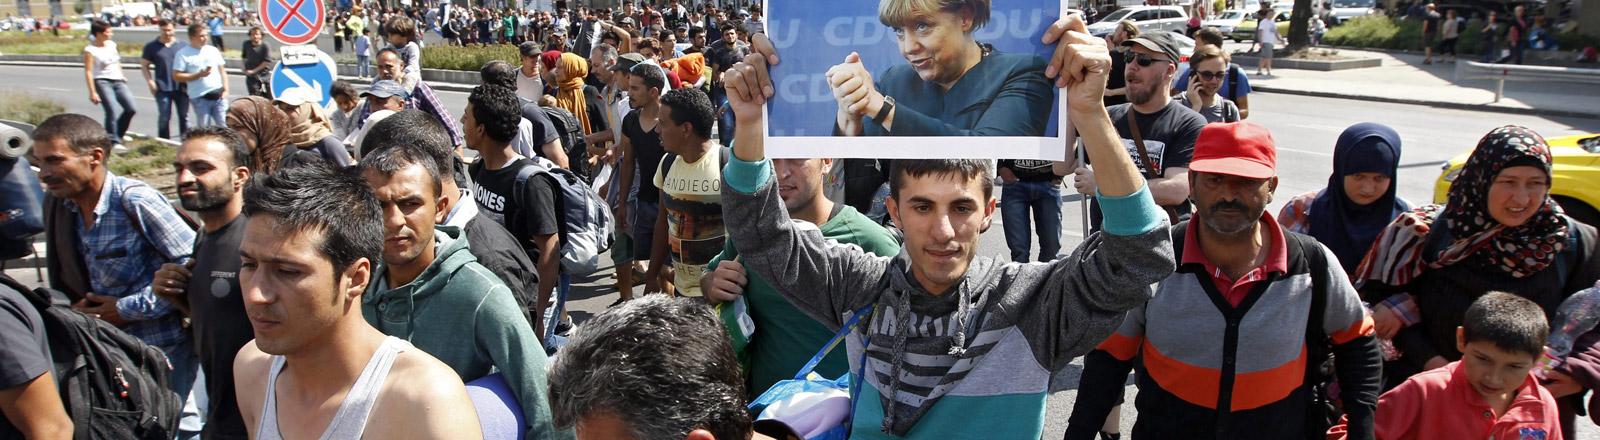 Flüchtlinge auf ihrem Weg. Ein Mann hält ein Plakat hoch, das Angela Merkel zeigt.